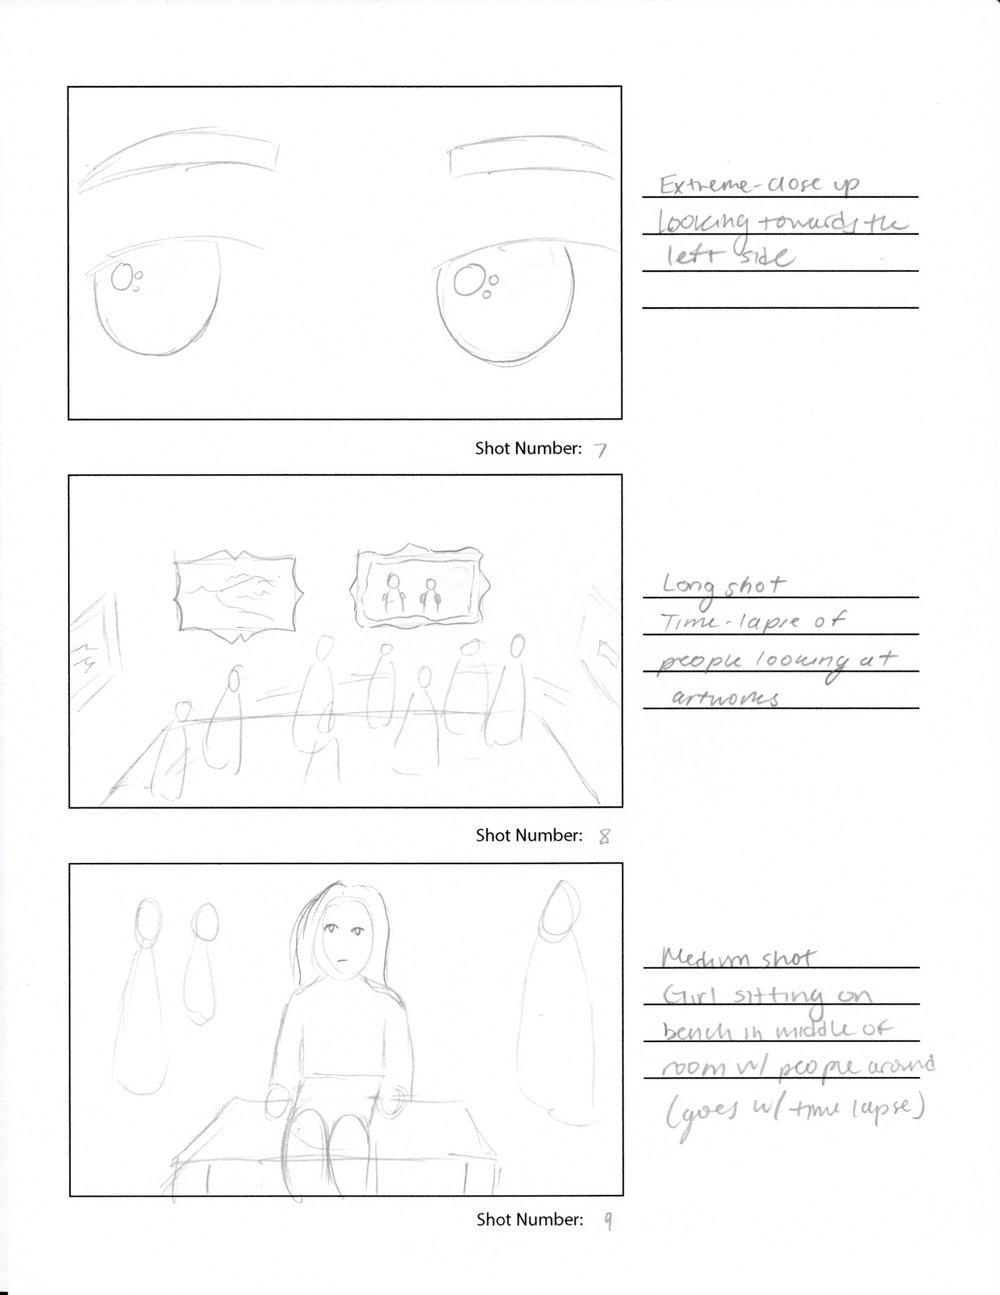 storyboard_3.jpeg